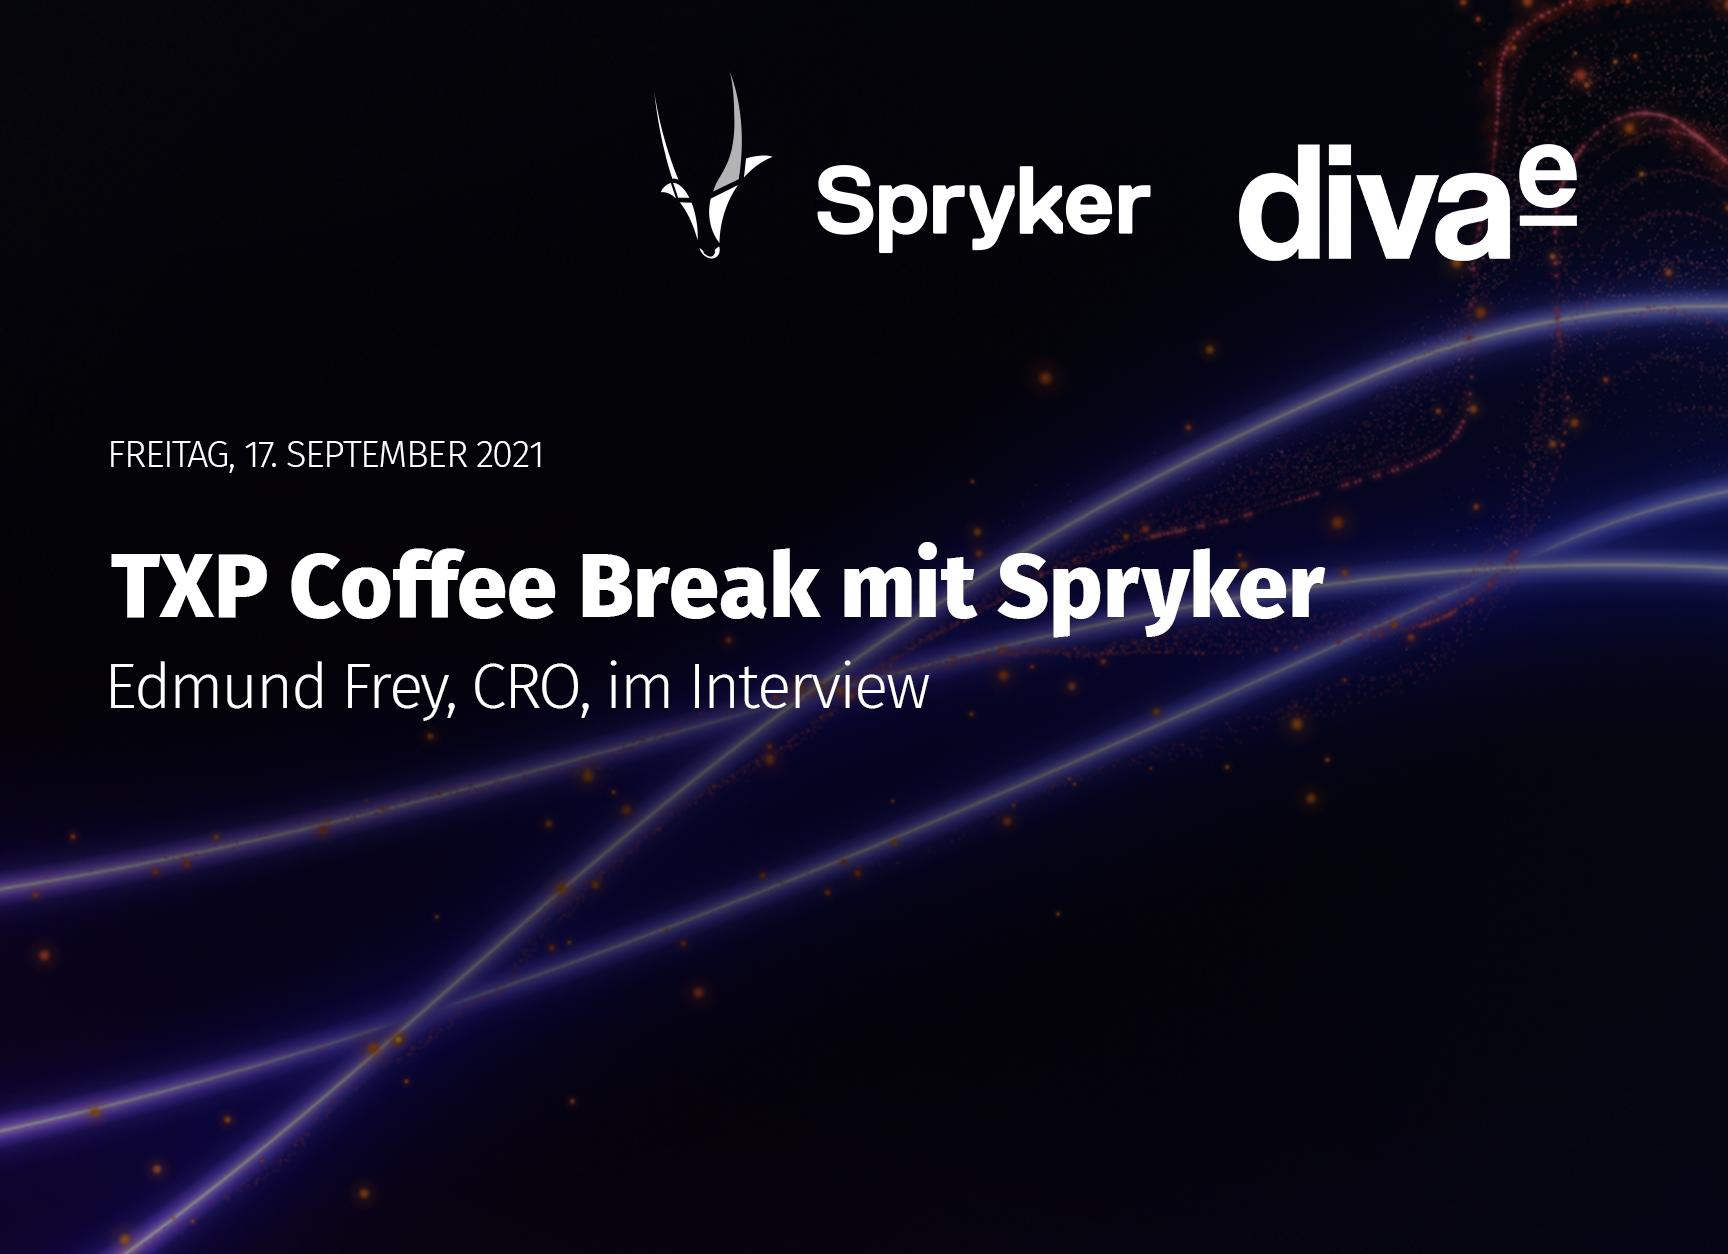 diva-e TXP Coffee Break mit Spryker